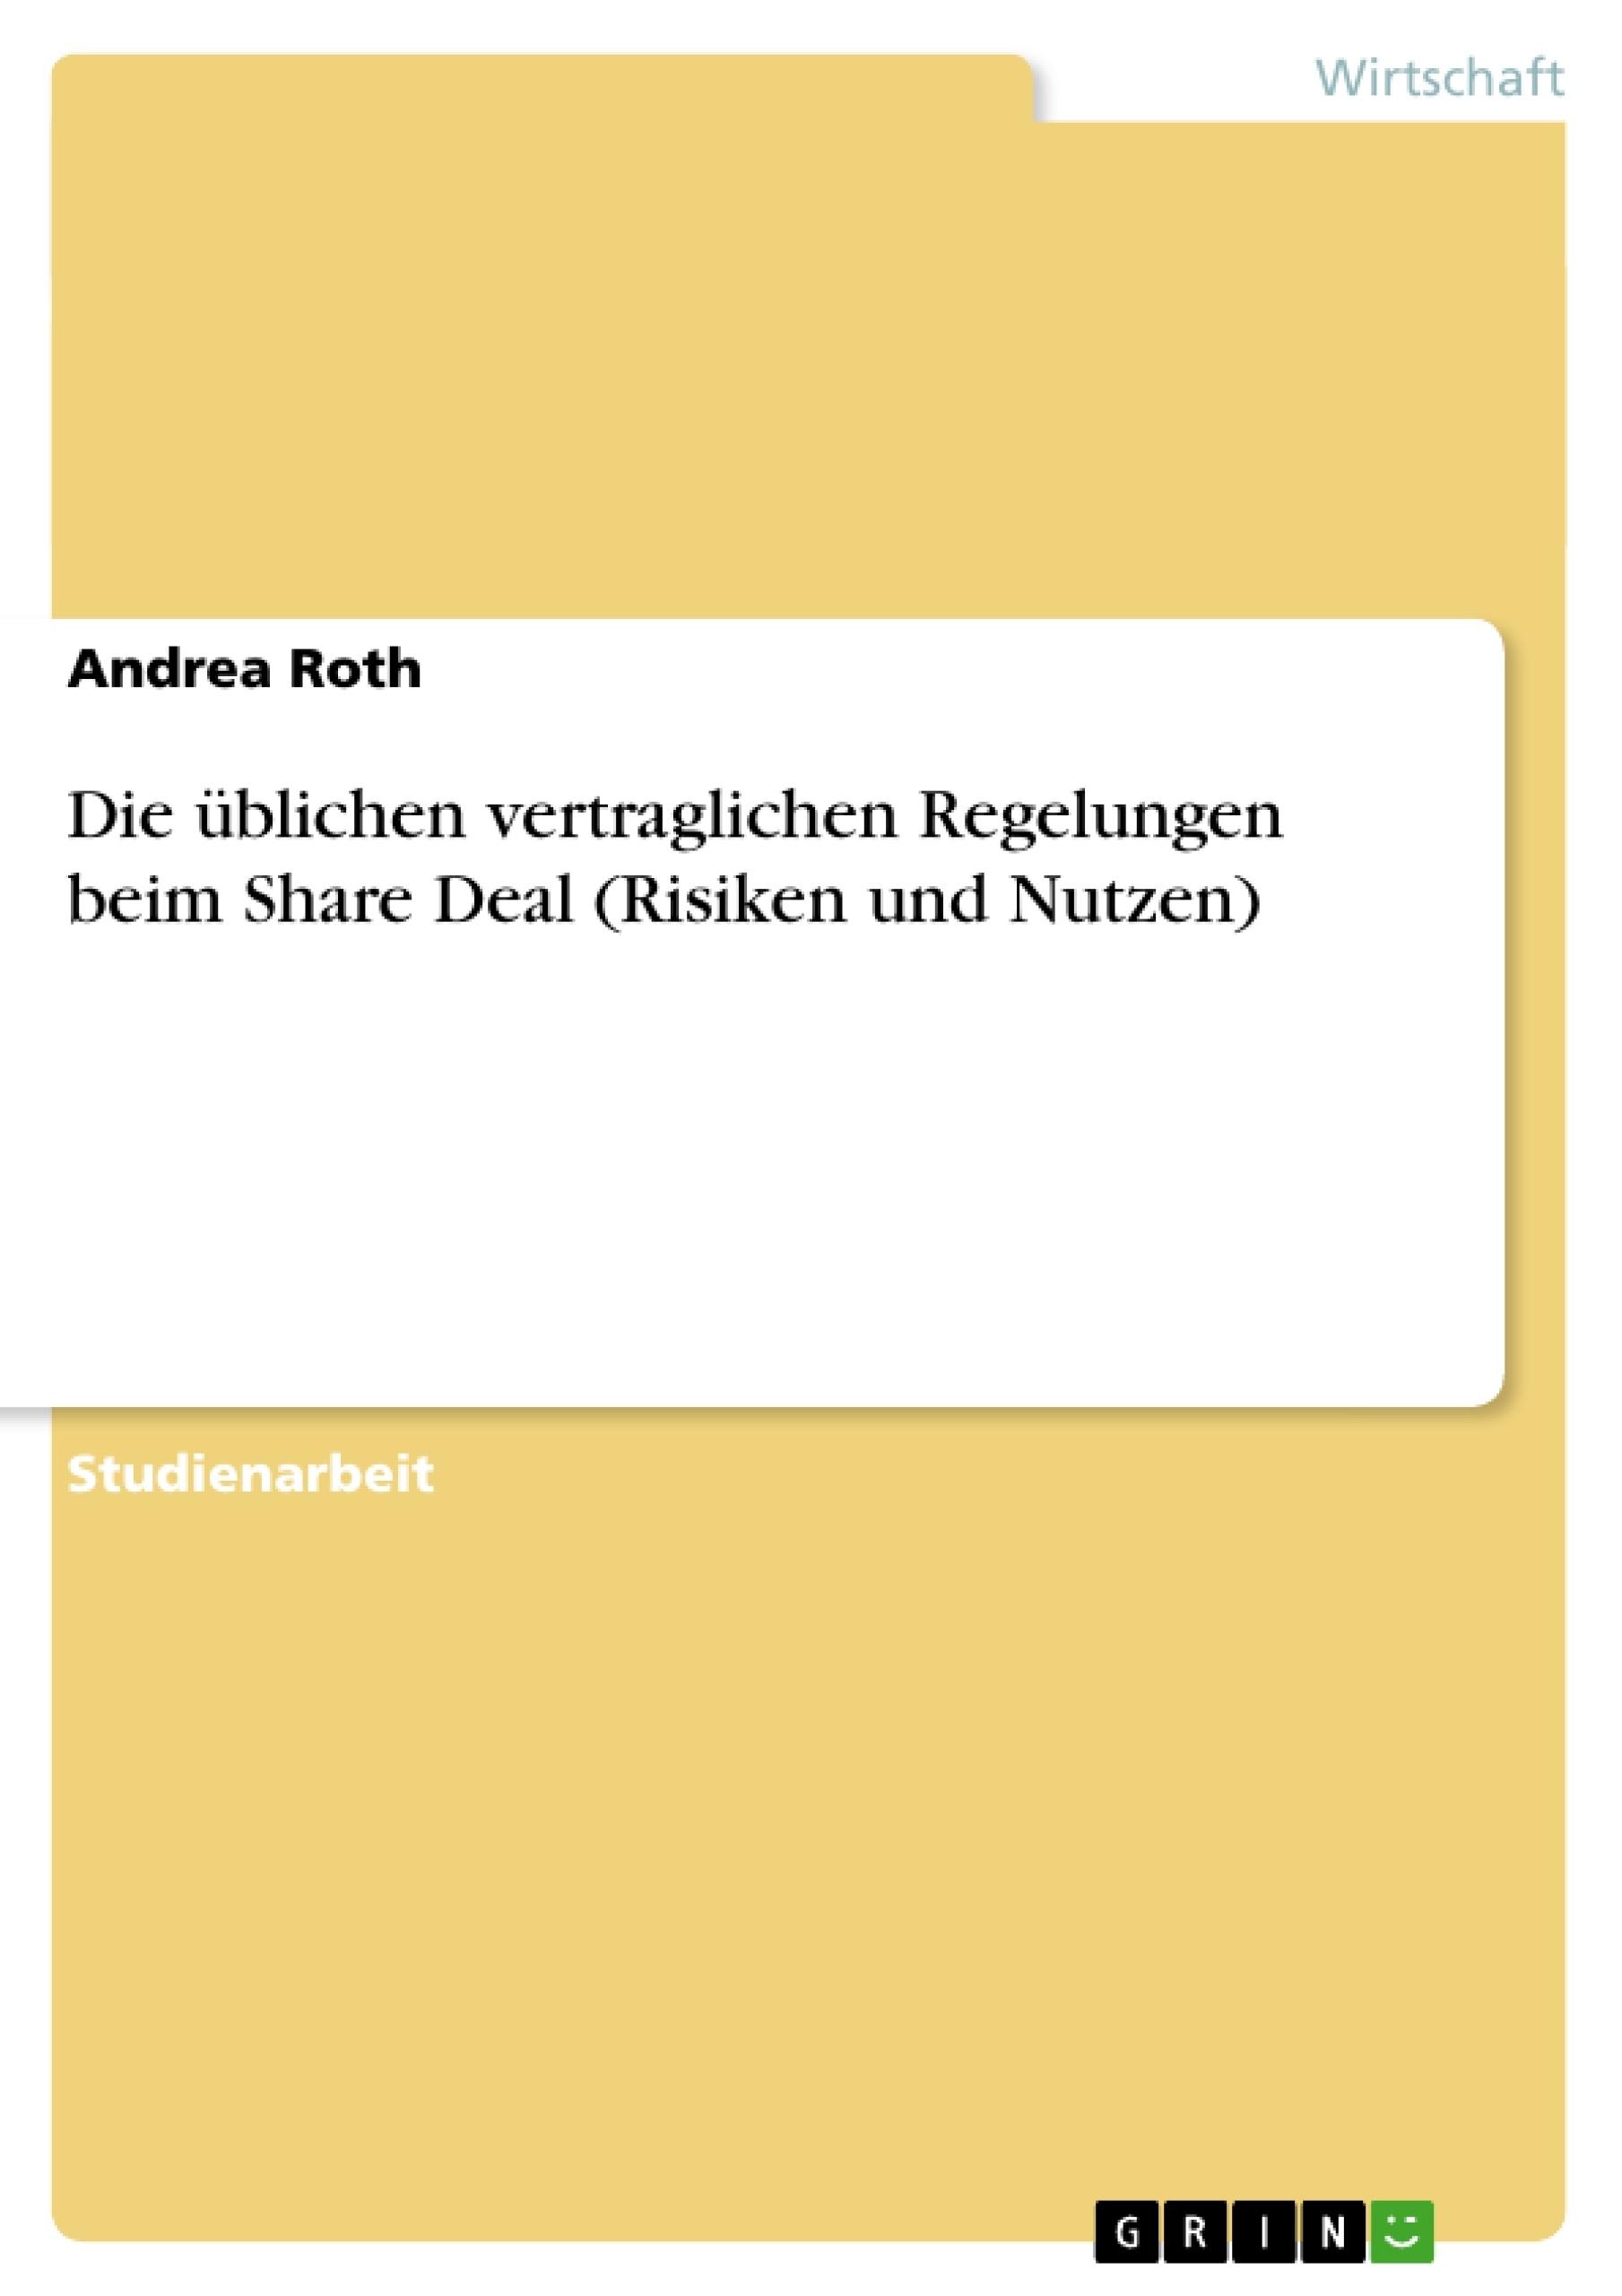 Titel: Die üblichen vertraglichen Regelungen beim Share Deal (Risiken und Nutzen)